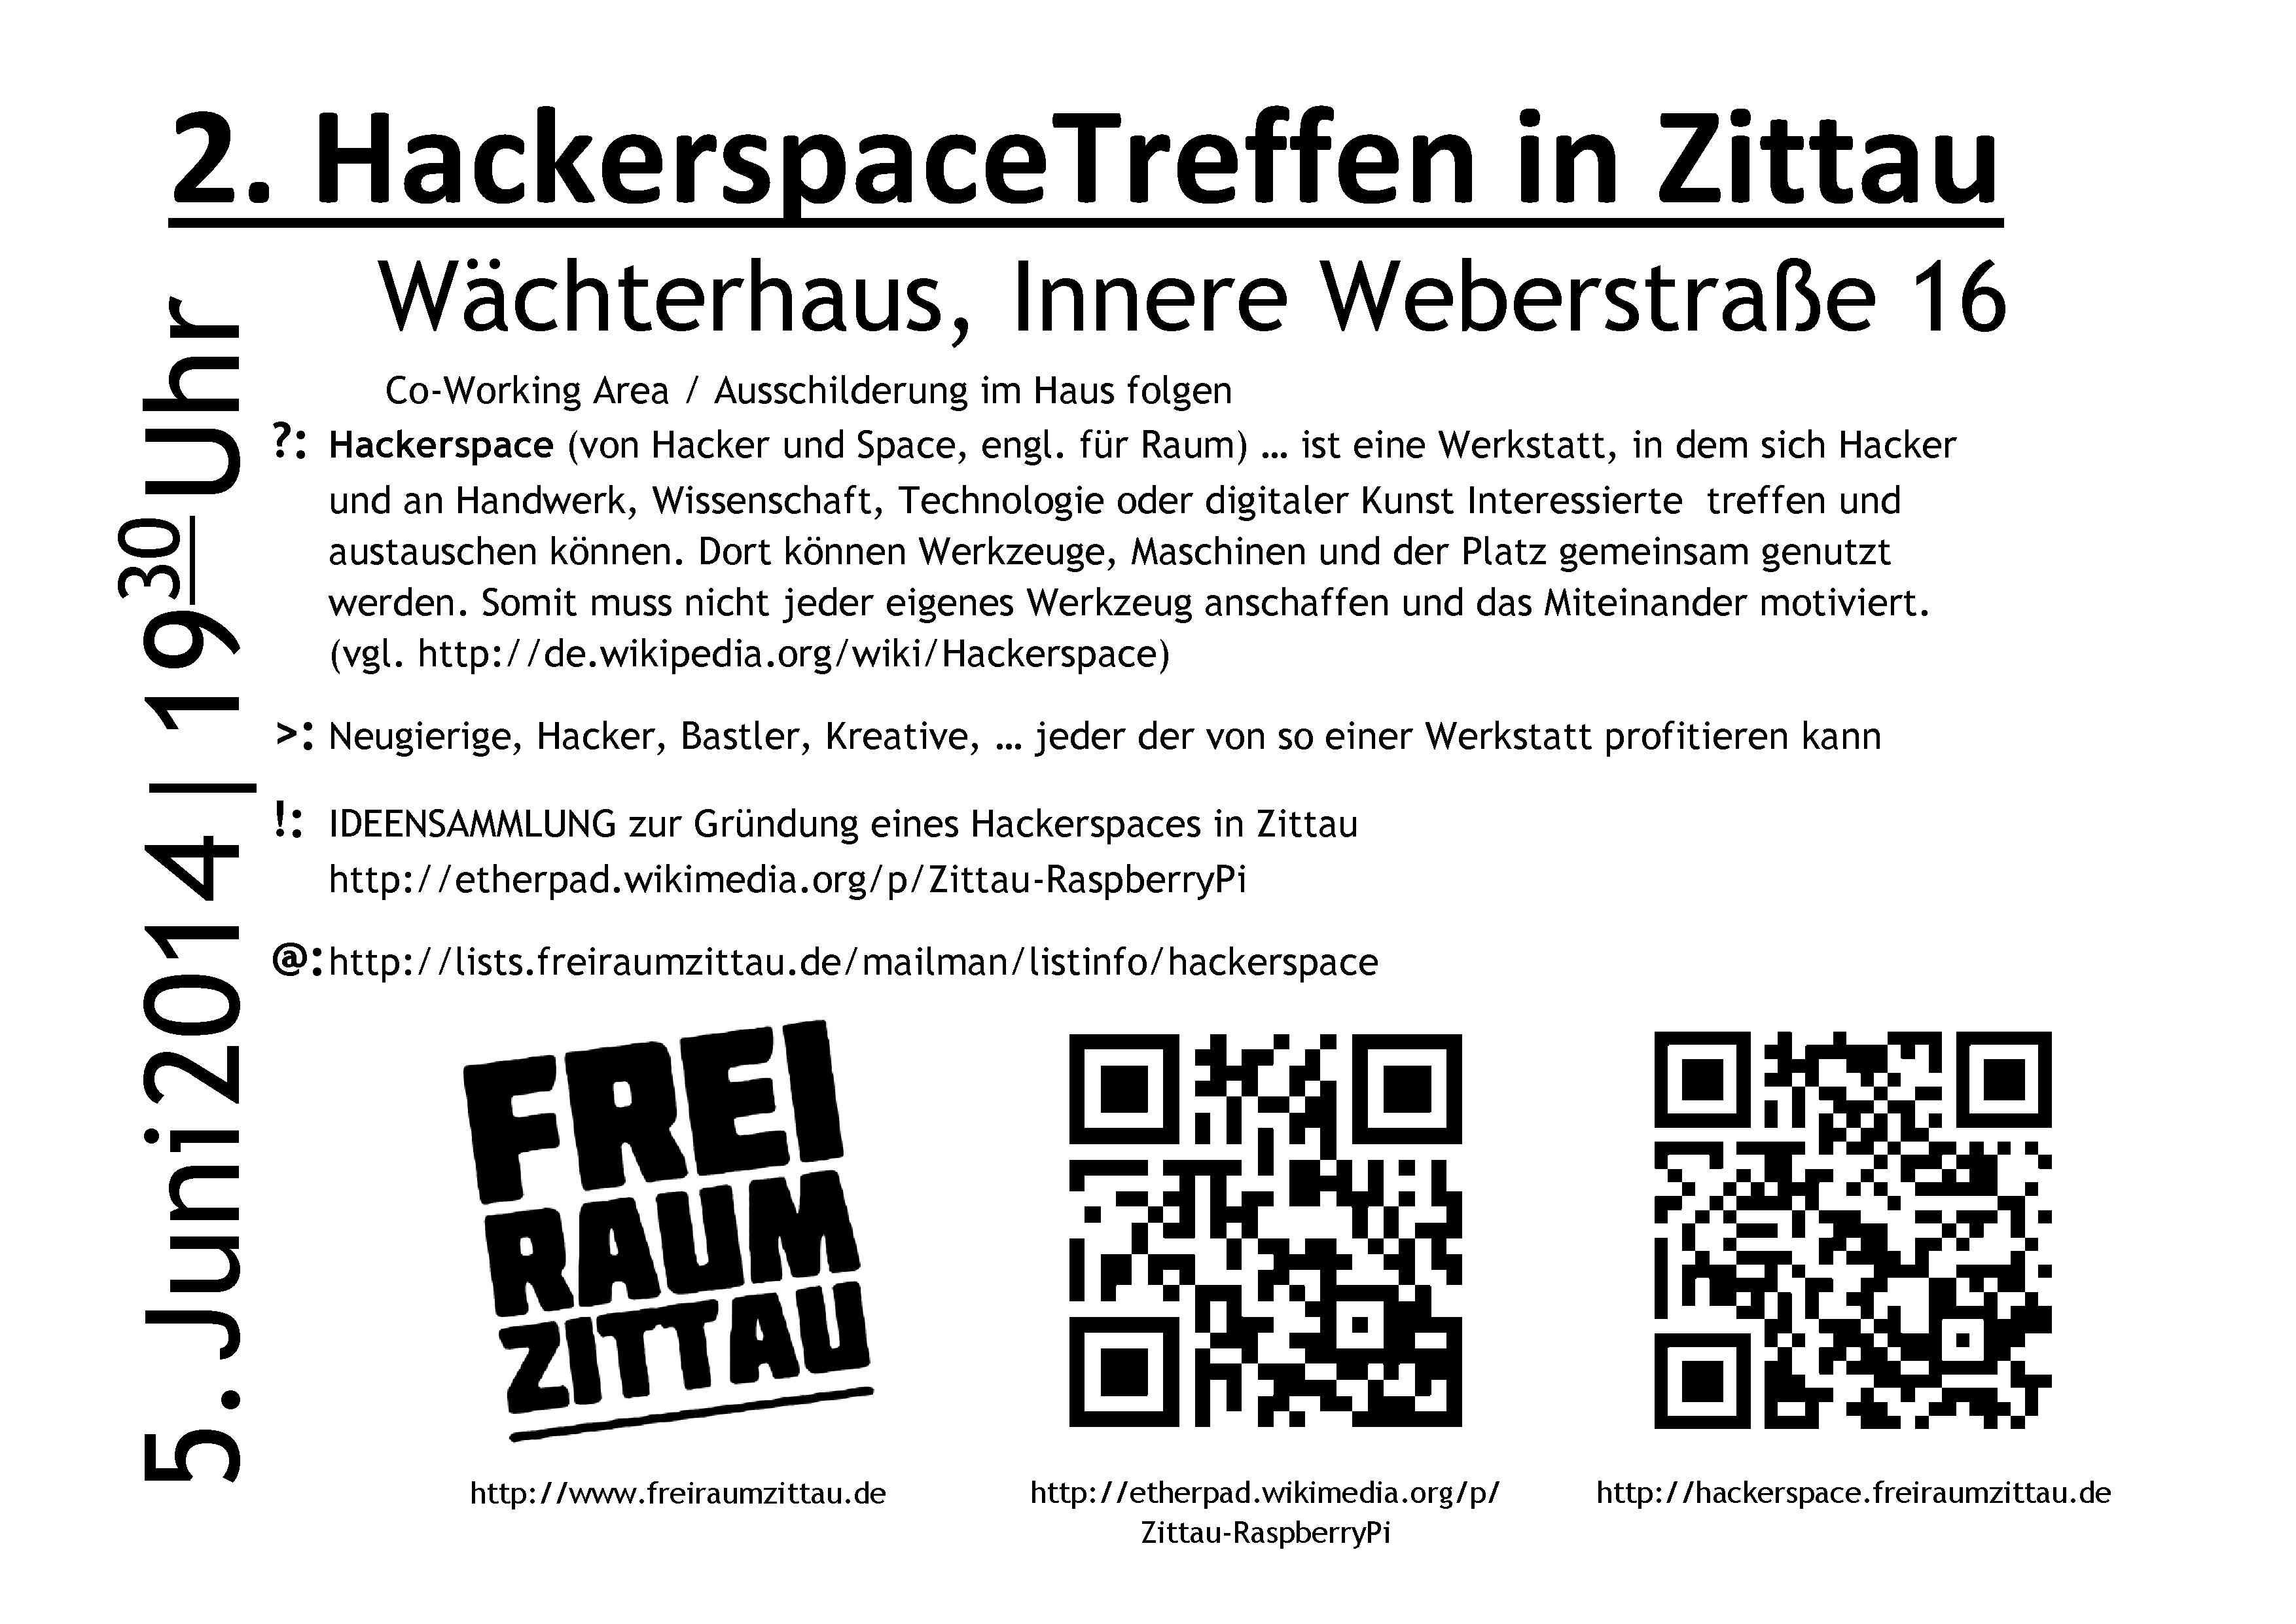 Hackerspace treffen Nr. 2